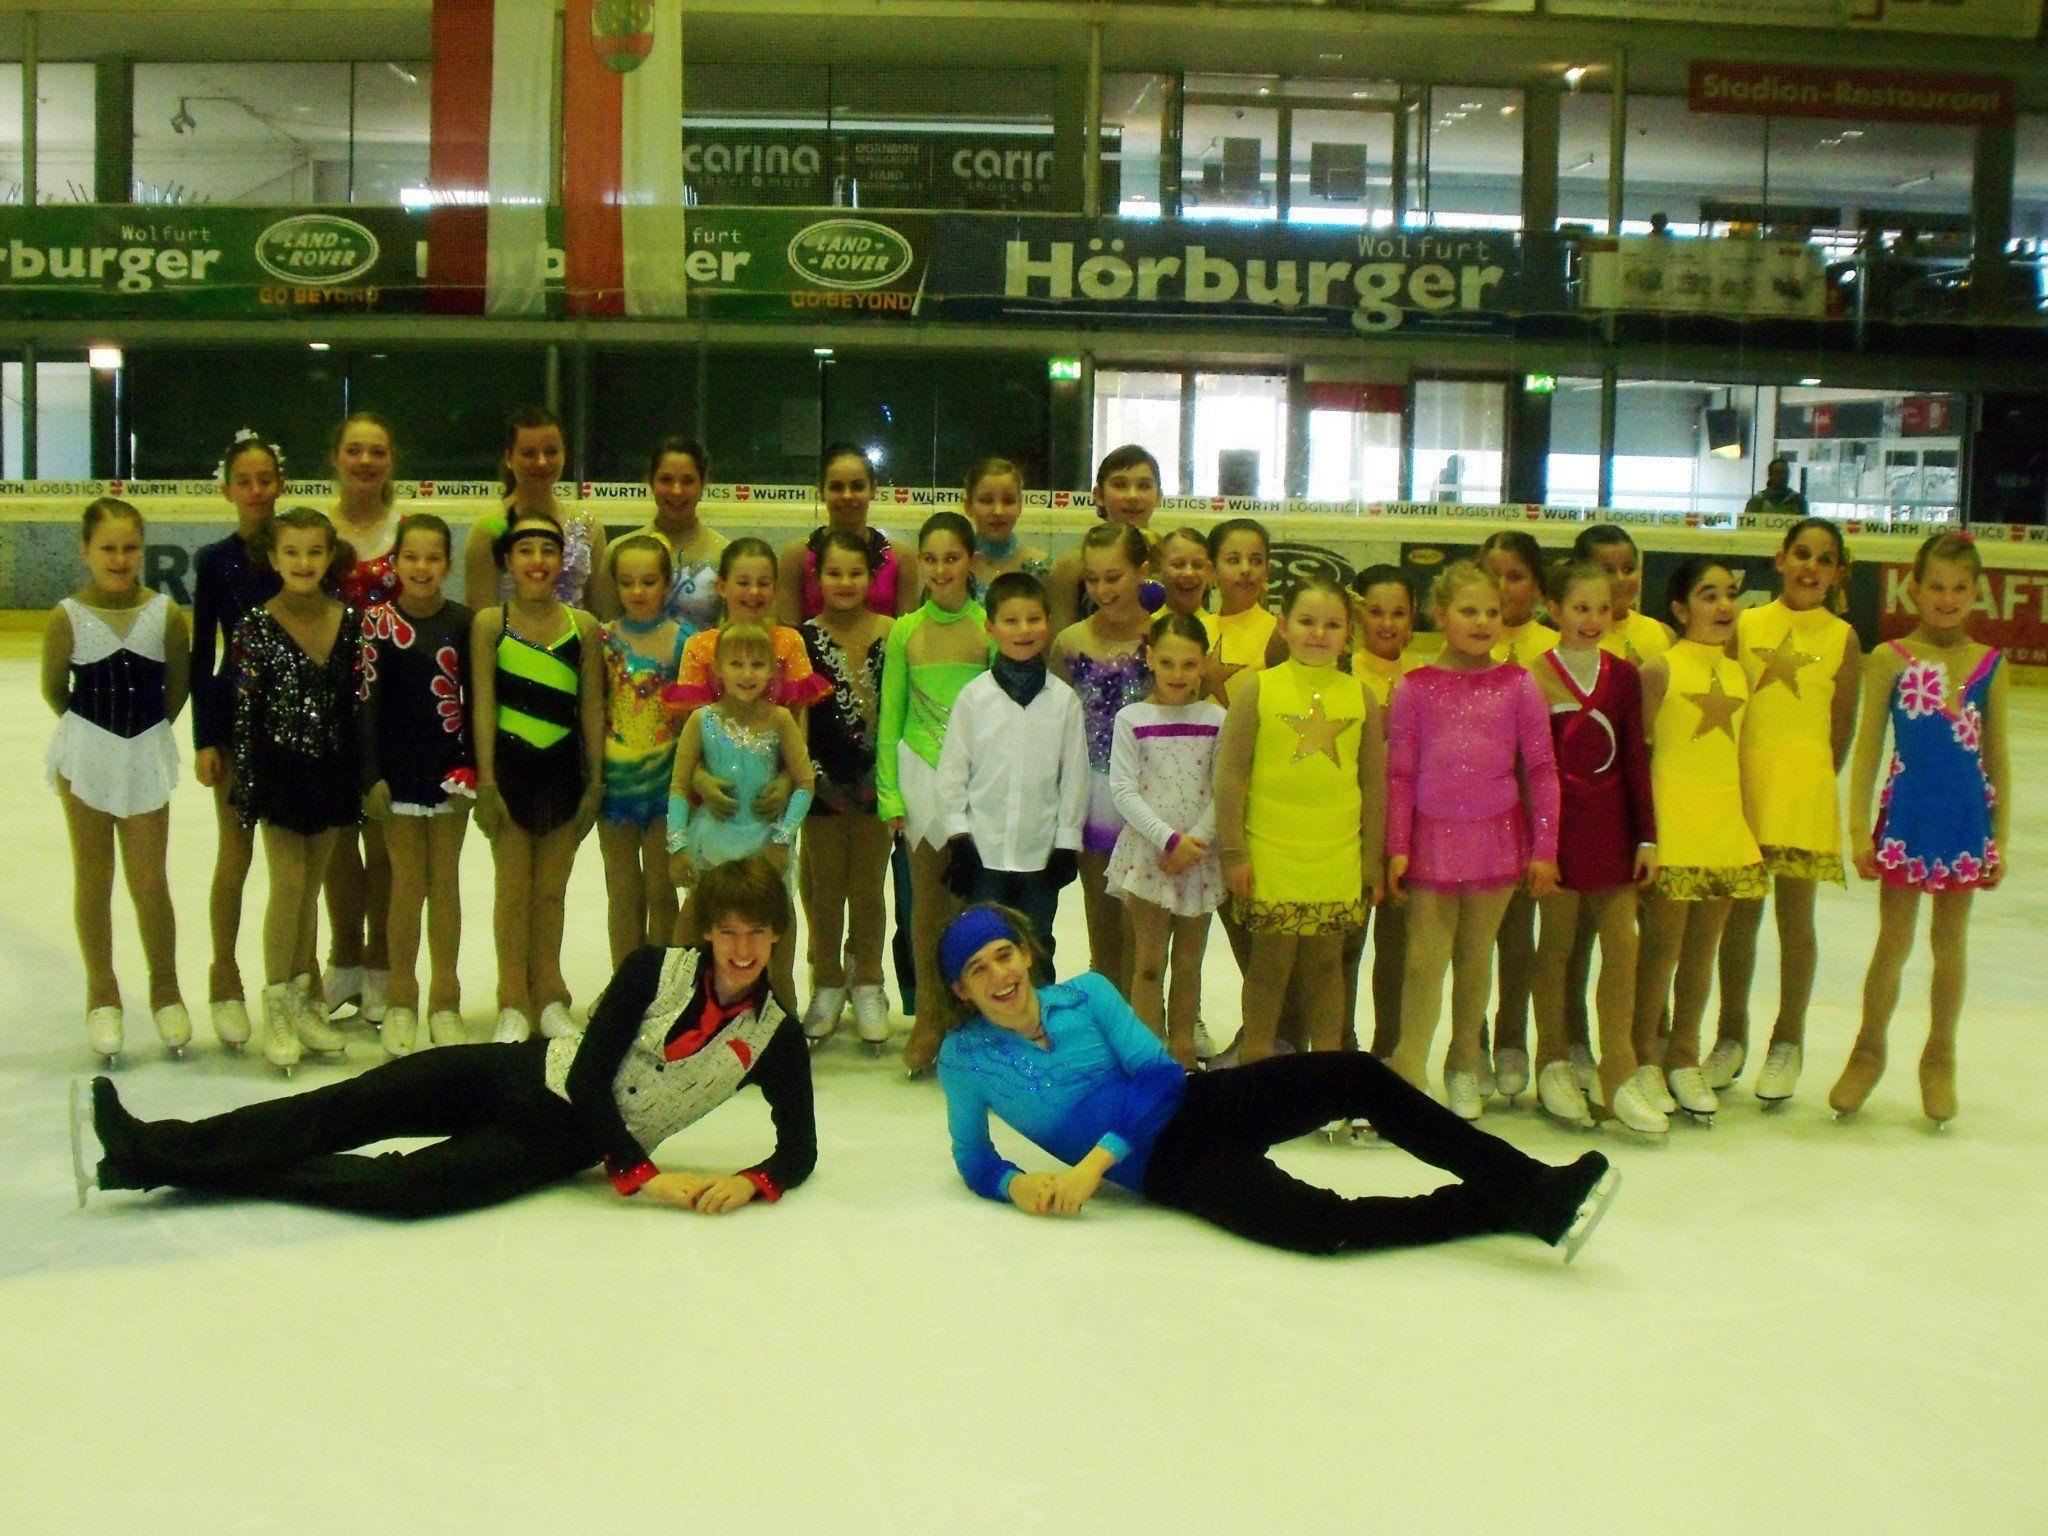 Die Teilnehmerinnen und Teilnehmer der Vorarlberger Landesmeisterschaften im Eiskunstlauf 2014